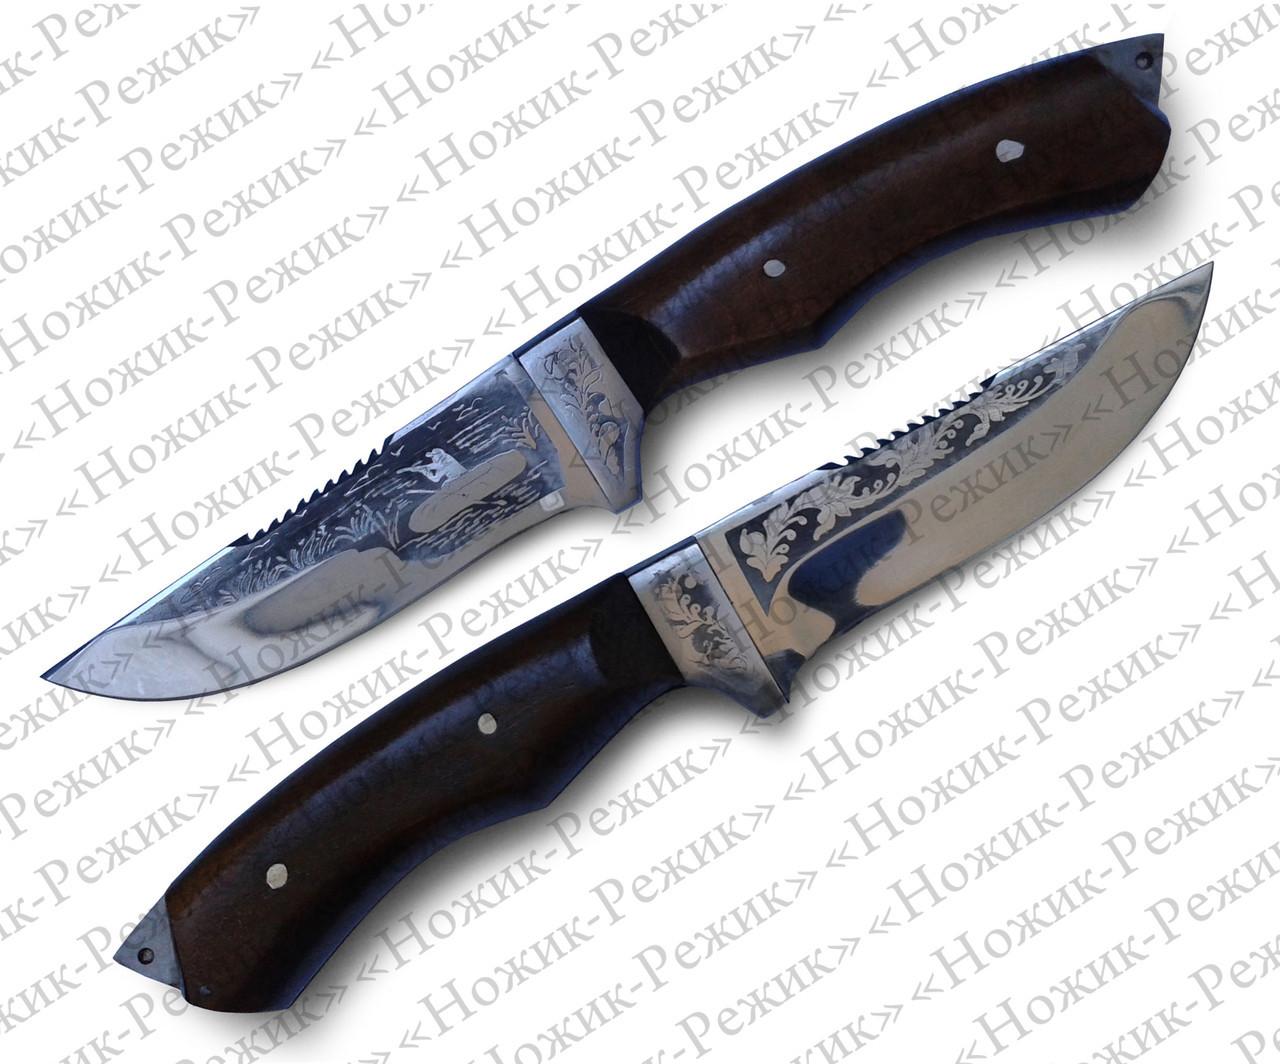 Нож для охоты и рыбалки, рыбацкий нож, нож туристический, нож АТО, нескладной нож